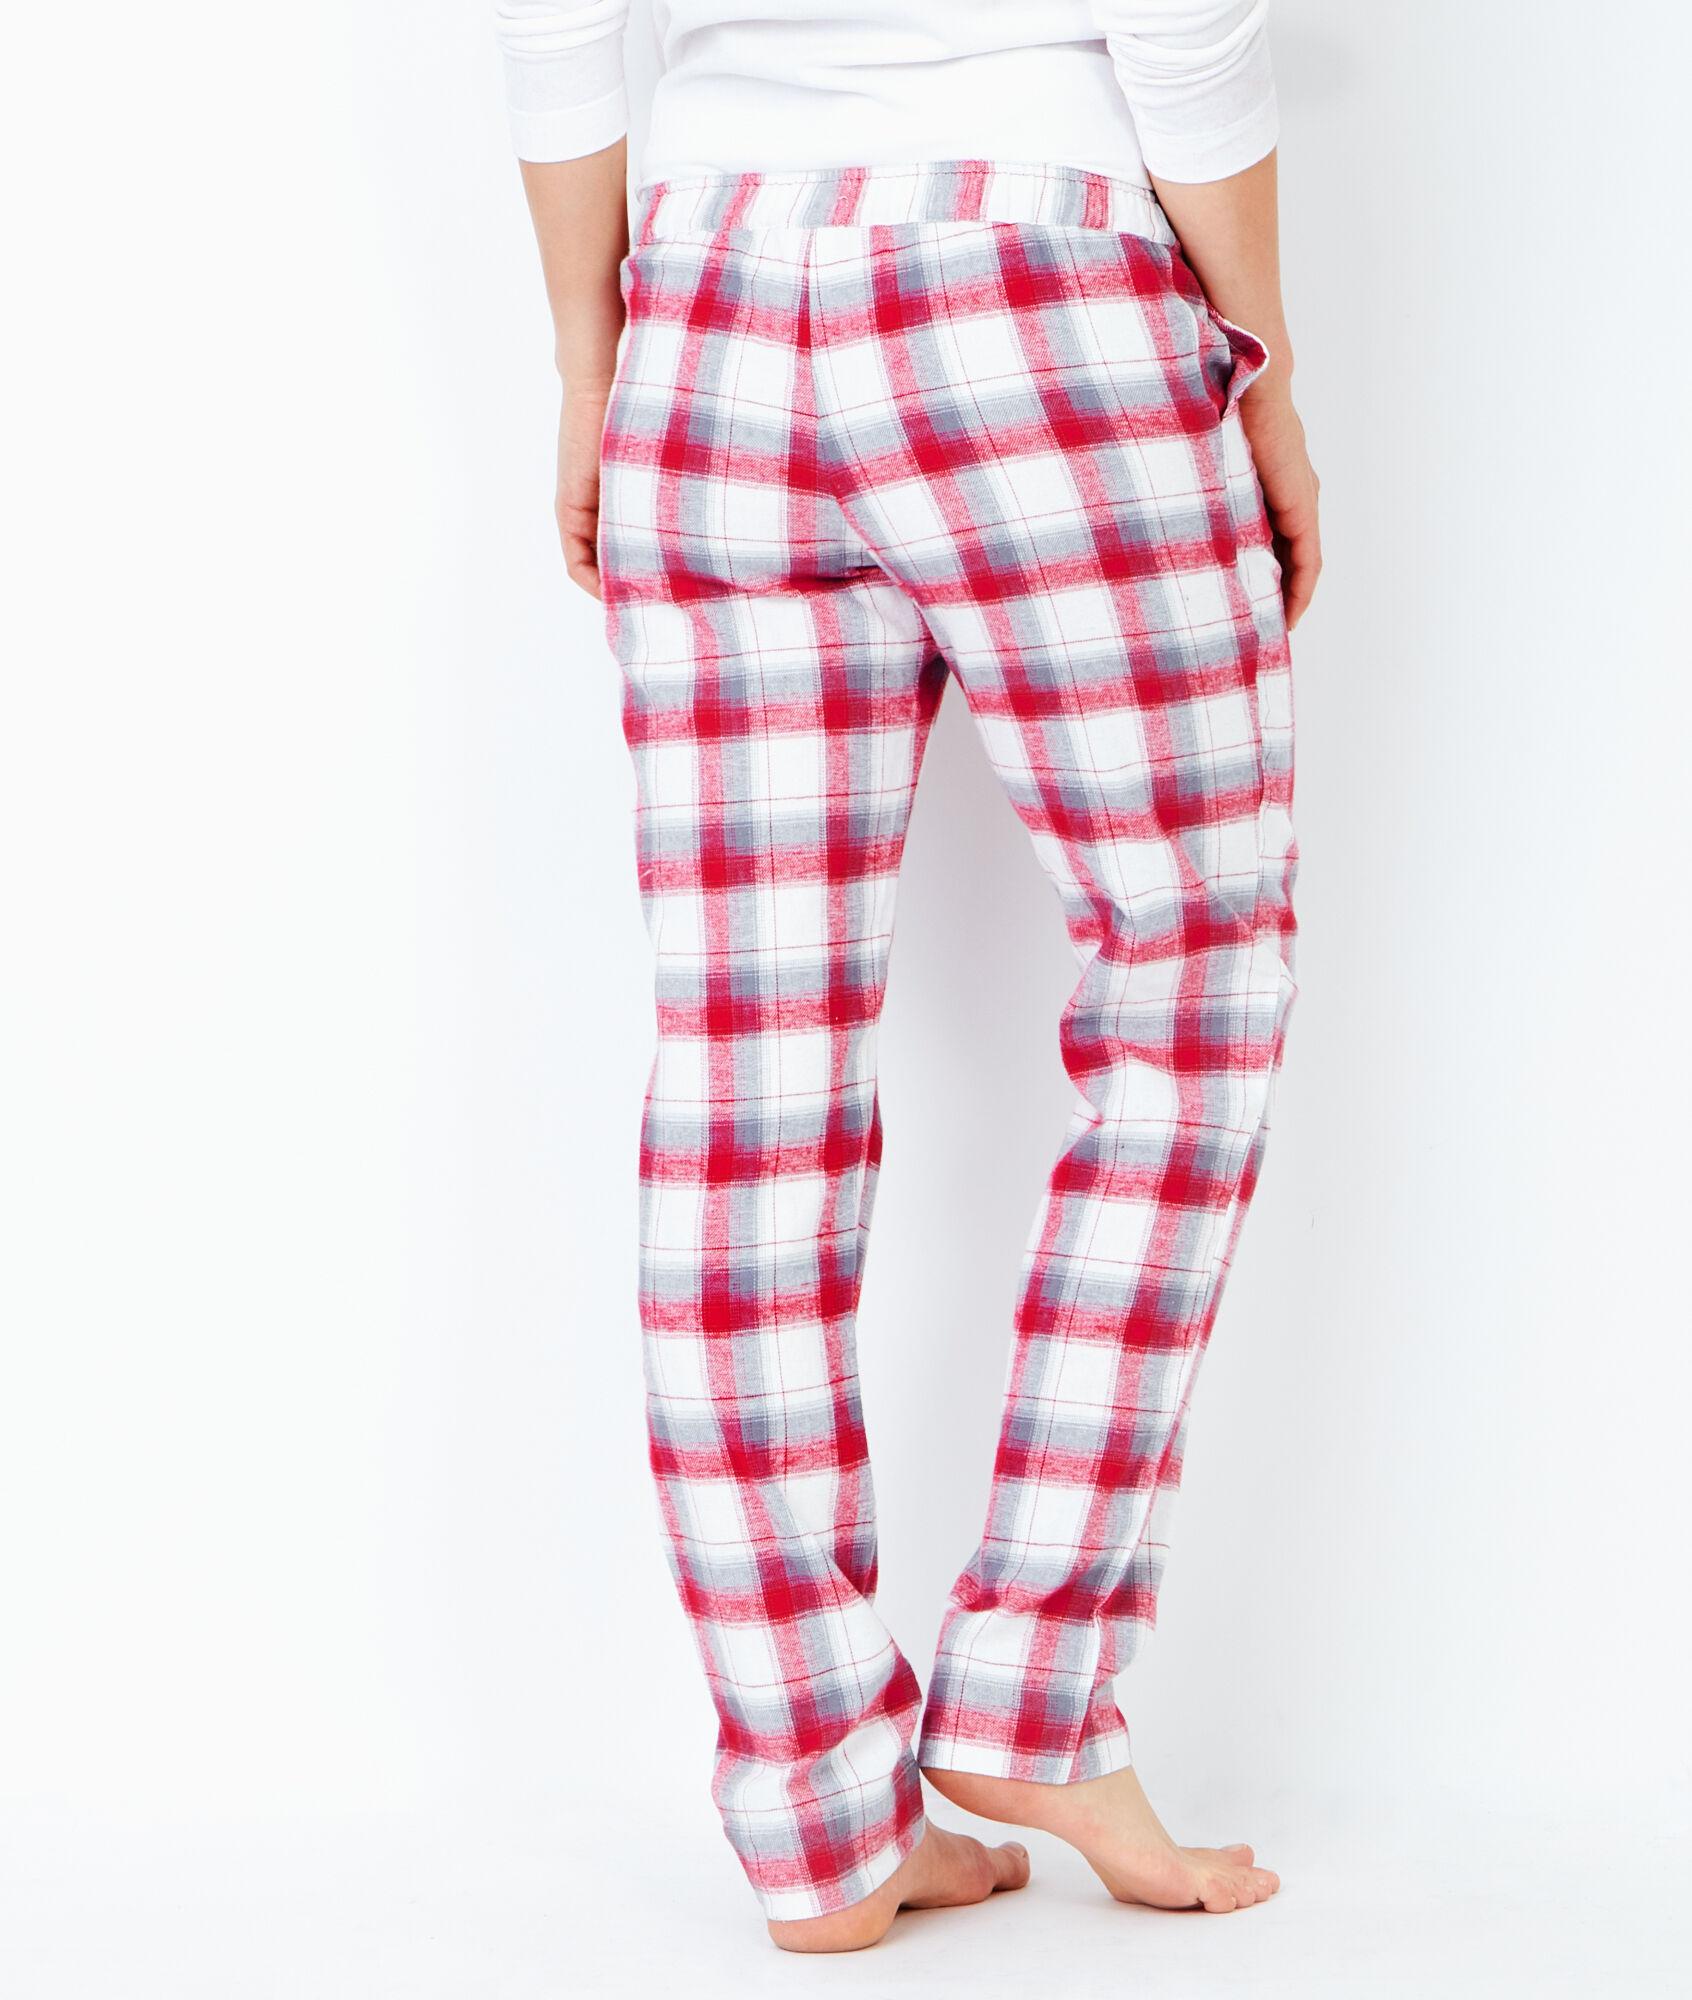 jimmy pyjama 3 pi ces chouette pantalon carreaux et veste toucher polaire etam. Black Bedroom Furniture Sets. Home Design Ideas